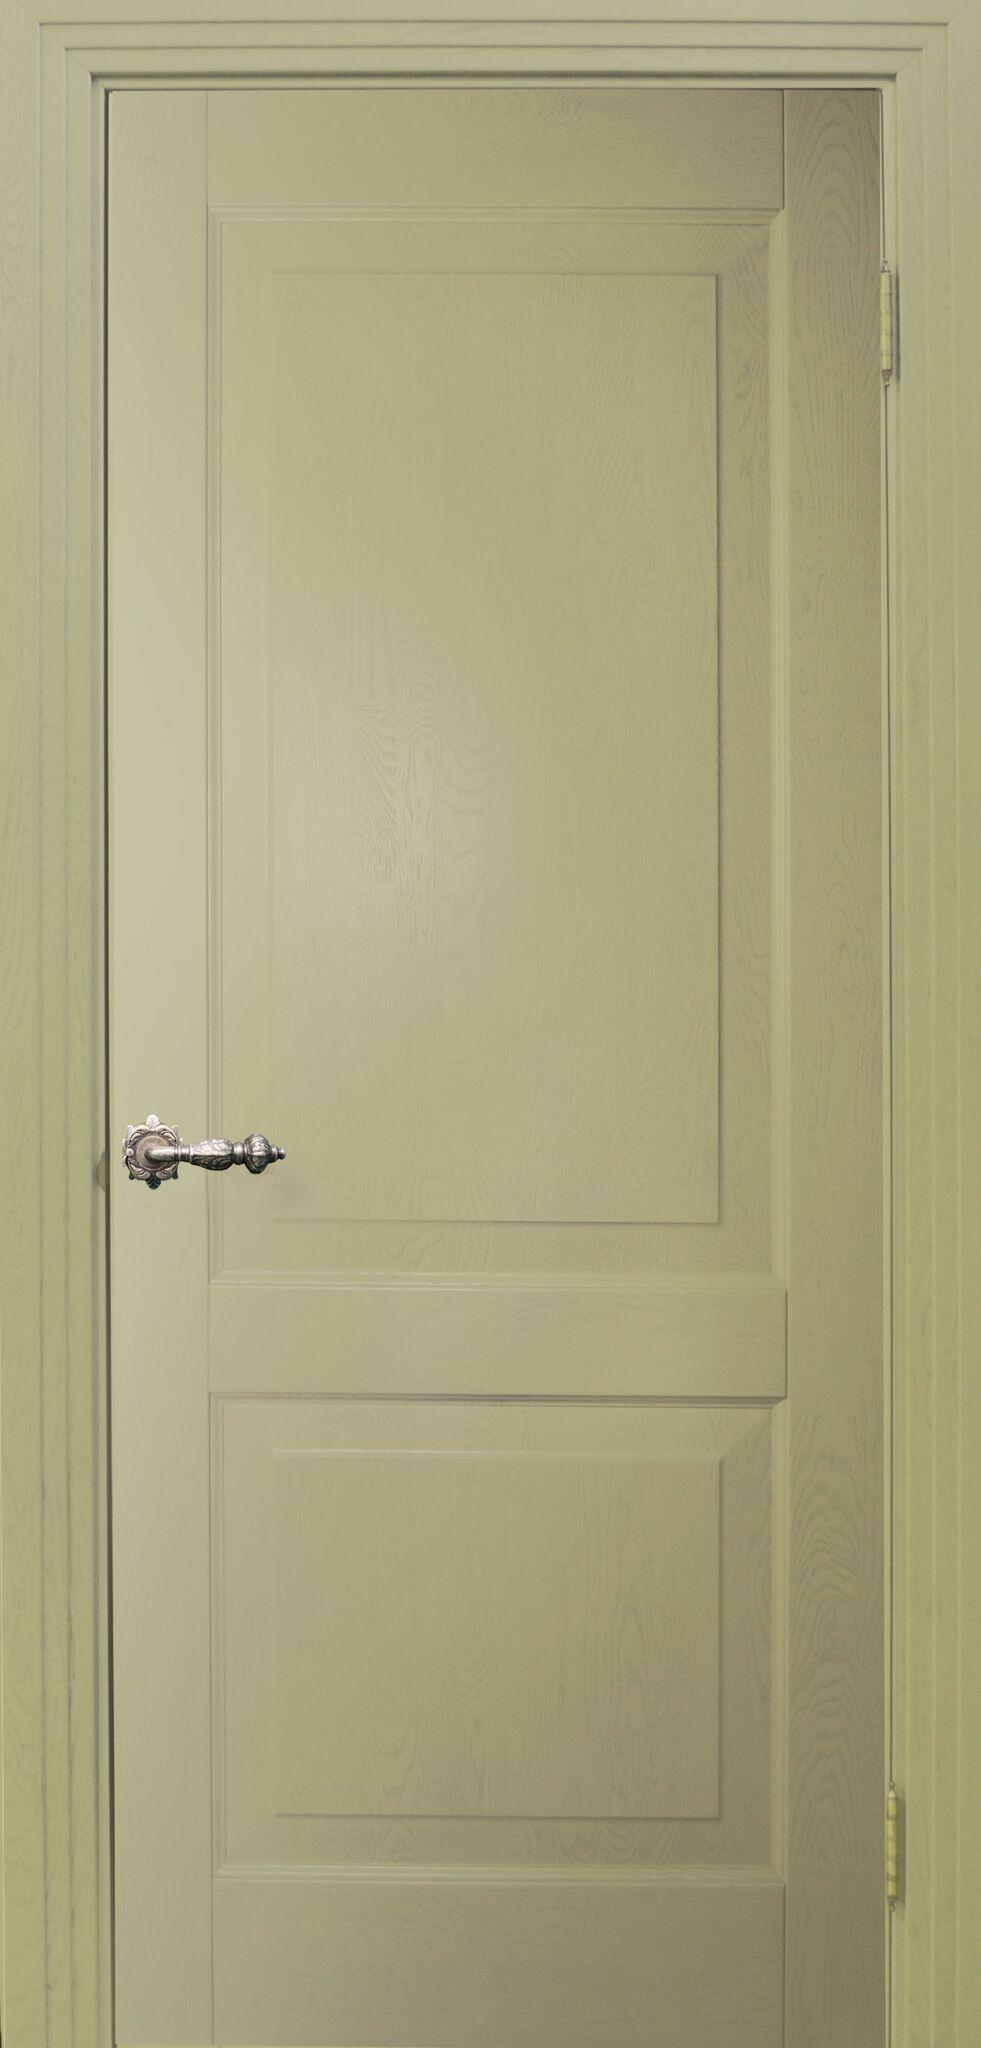 нашем интернет межкомнатные двери цвет олива фото голове